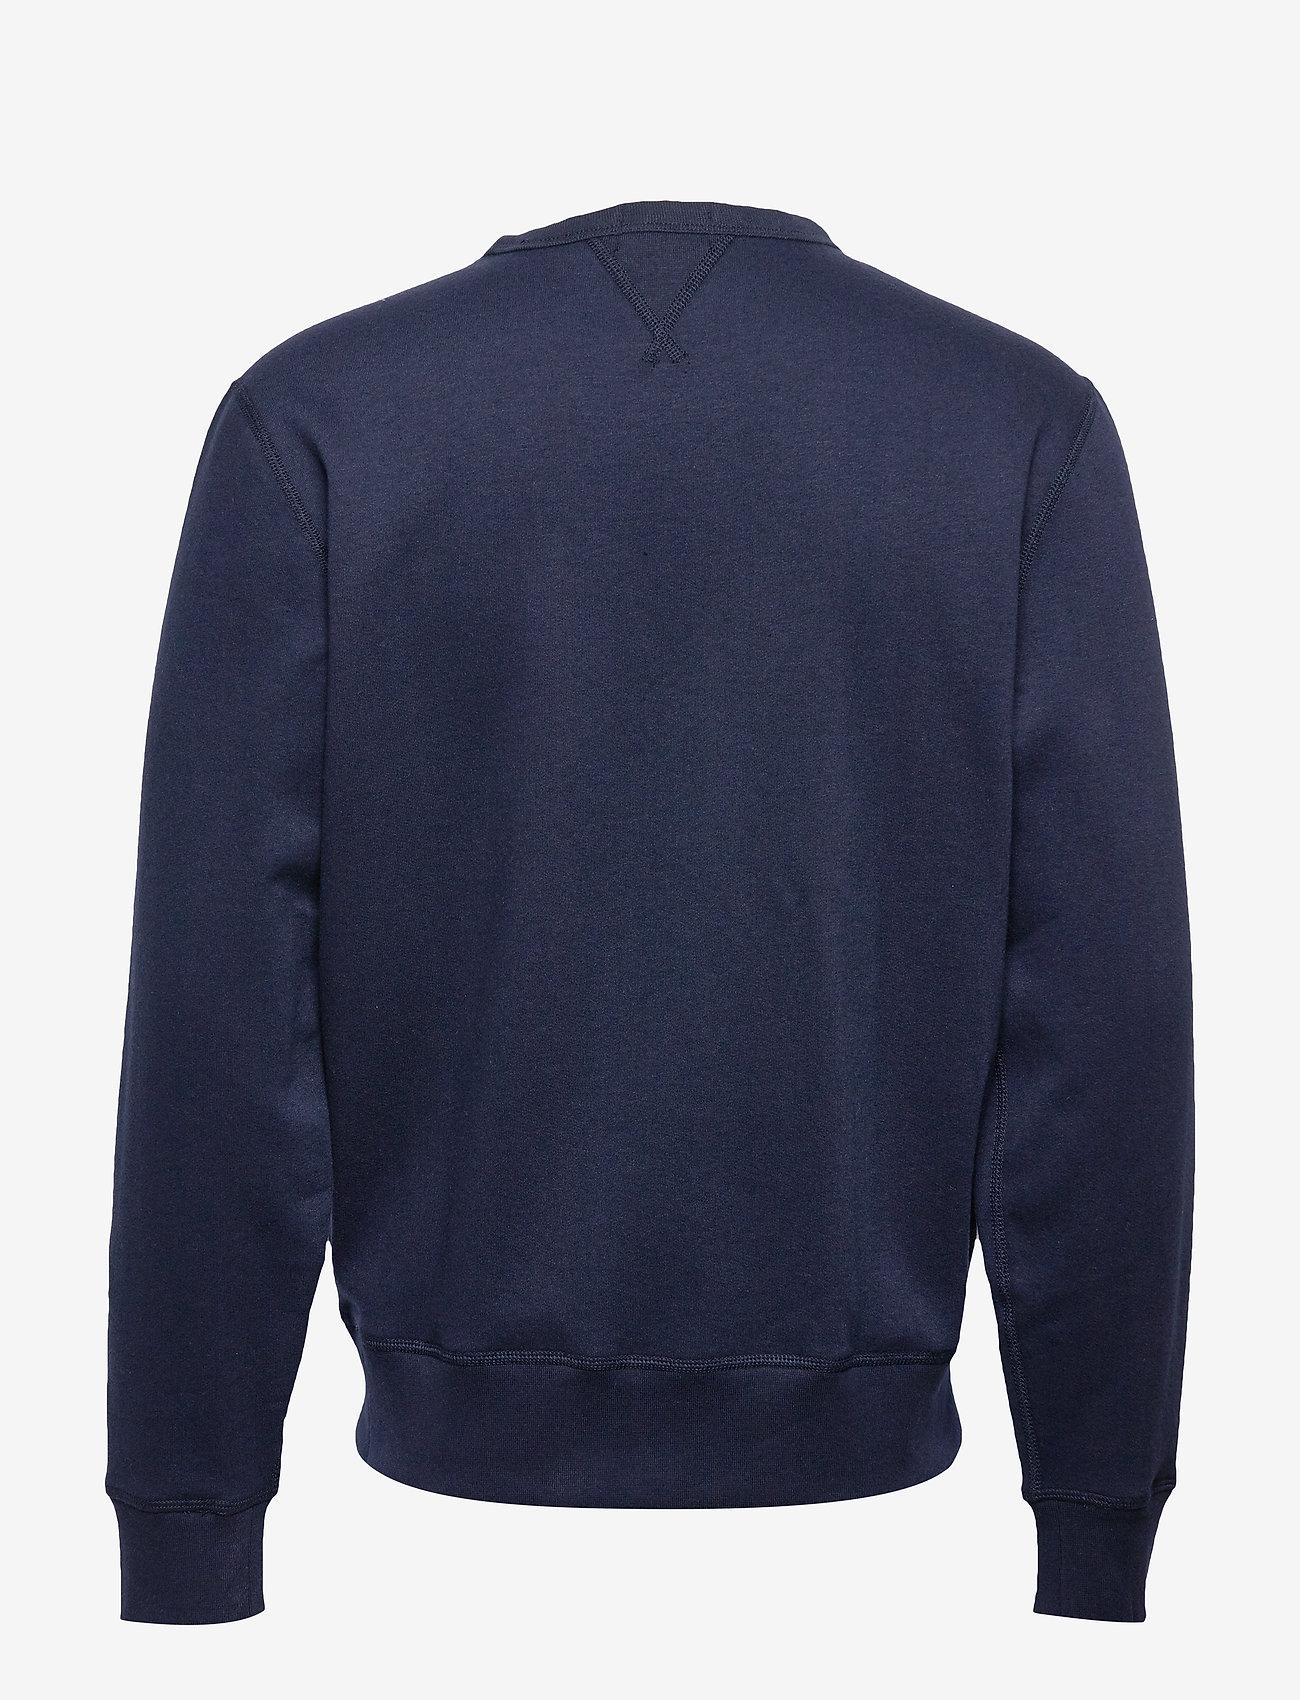 Fleece Graphic Sweatshirt (Cruise Navy) (897 kr) - Polo Ralph Lauren